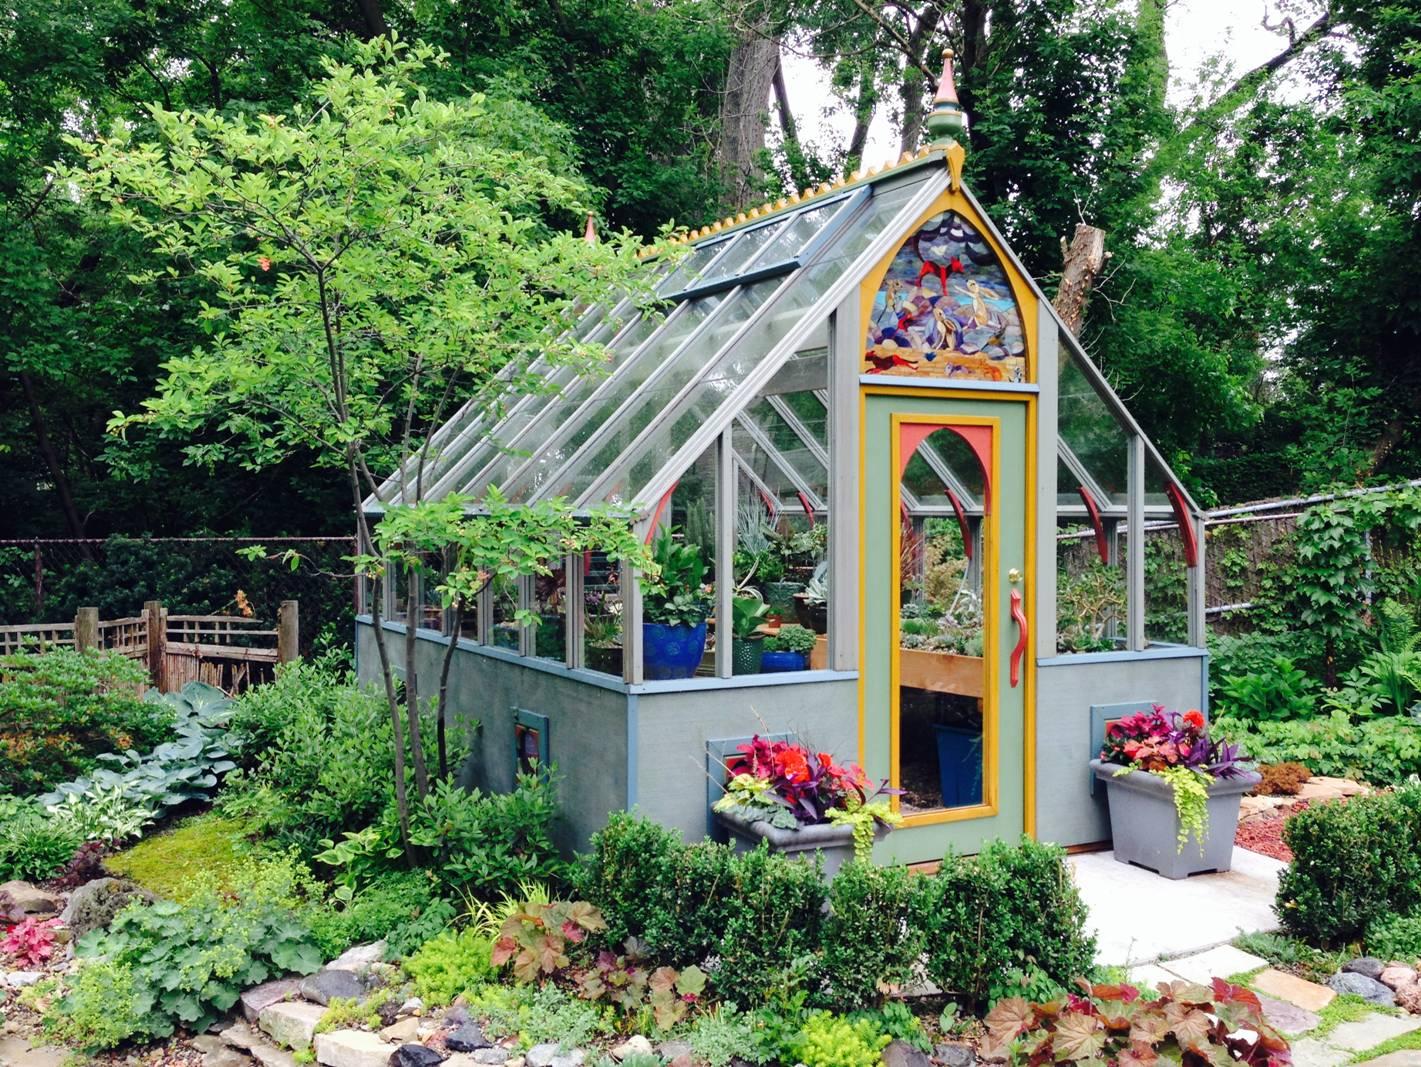 10 X 12 Tudor Greenhouse with unique color pallet